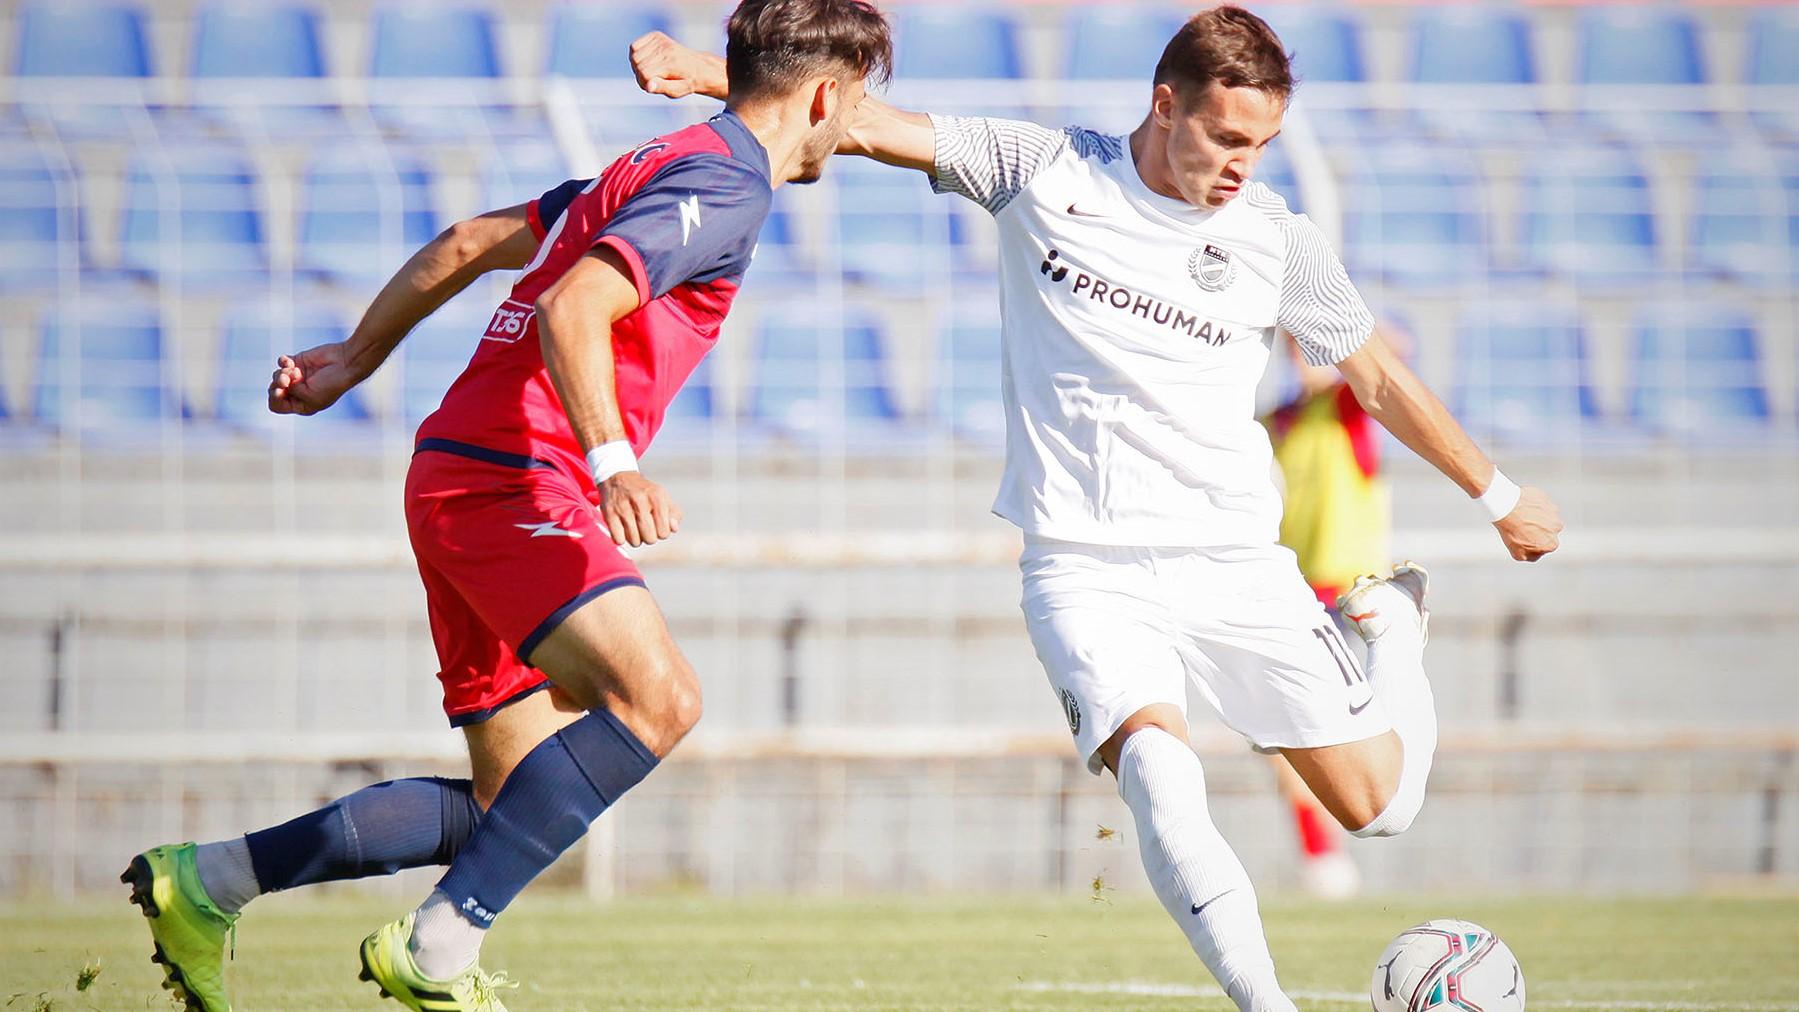 Drljo ismét U21-es válogatott meghívót kapott